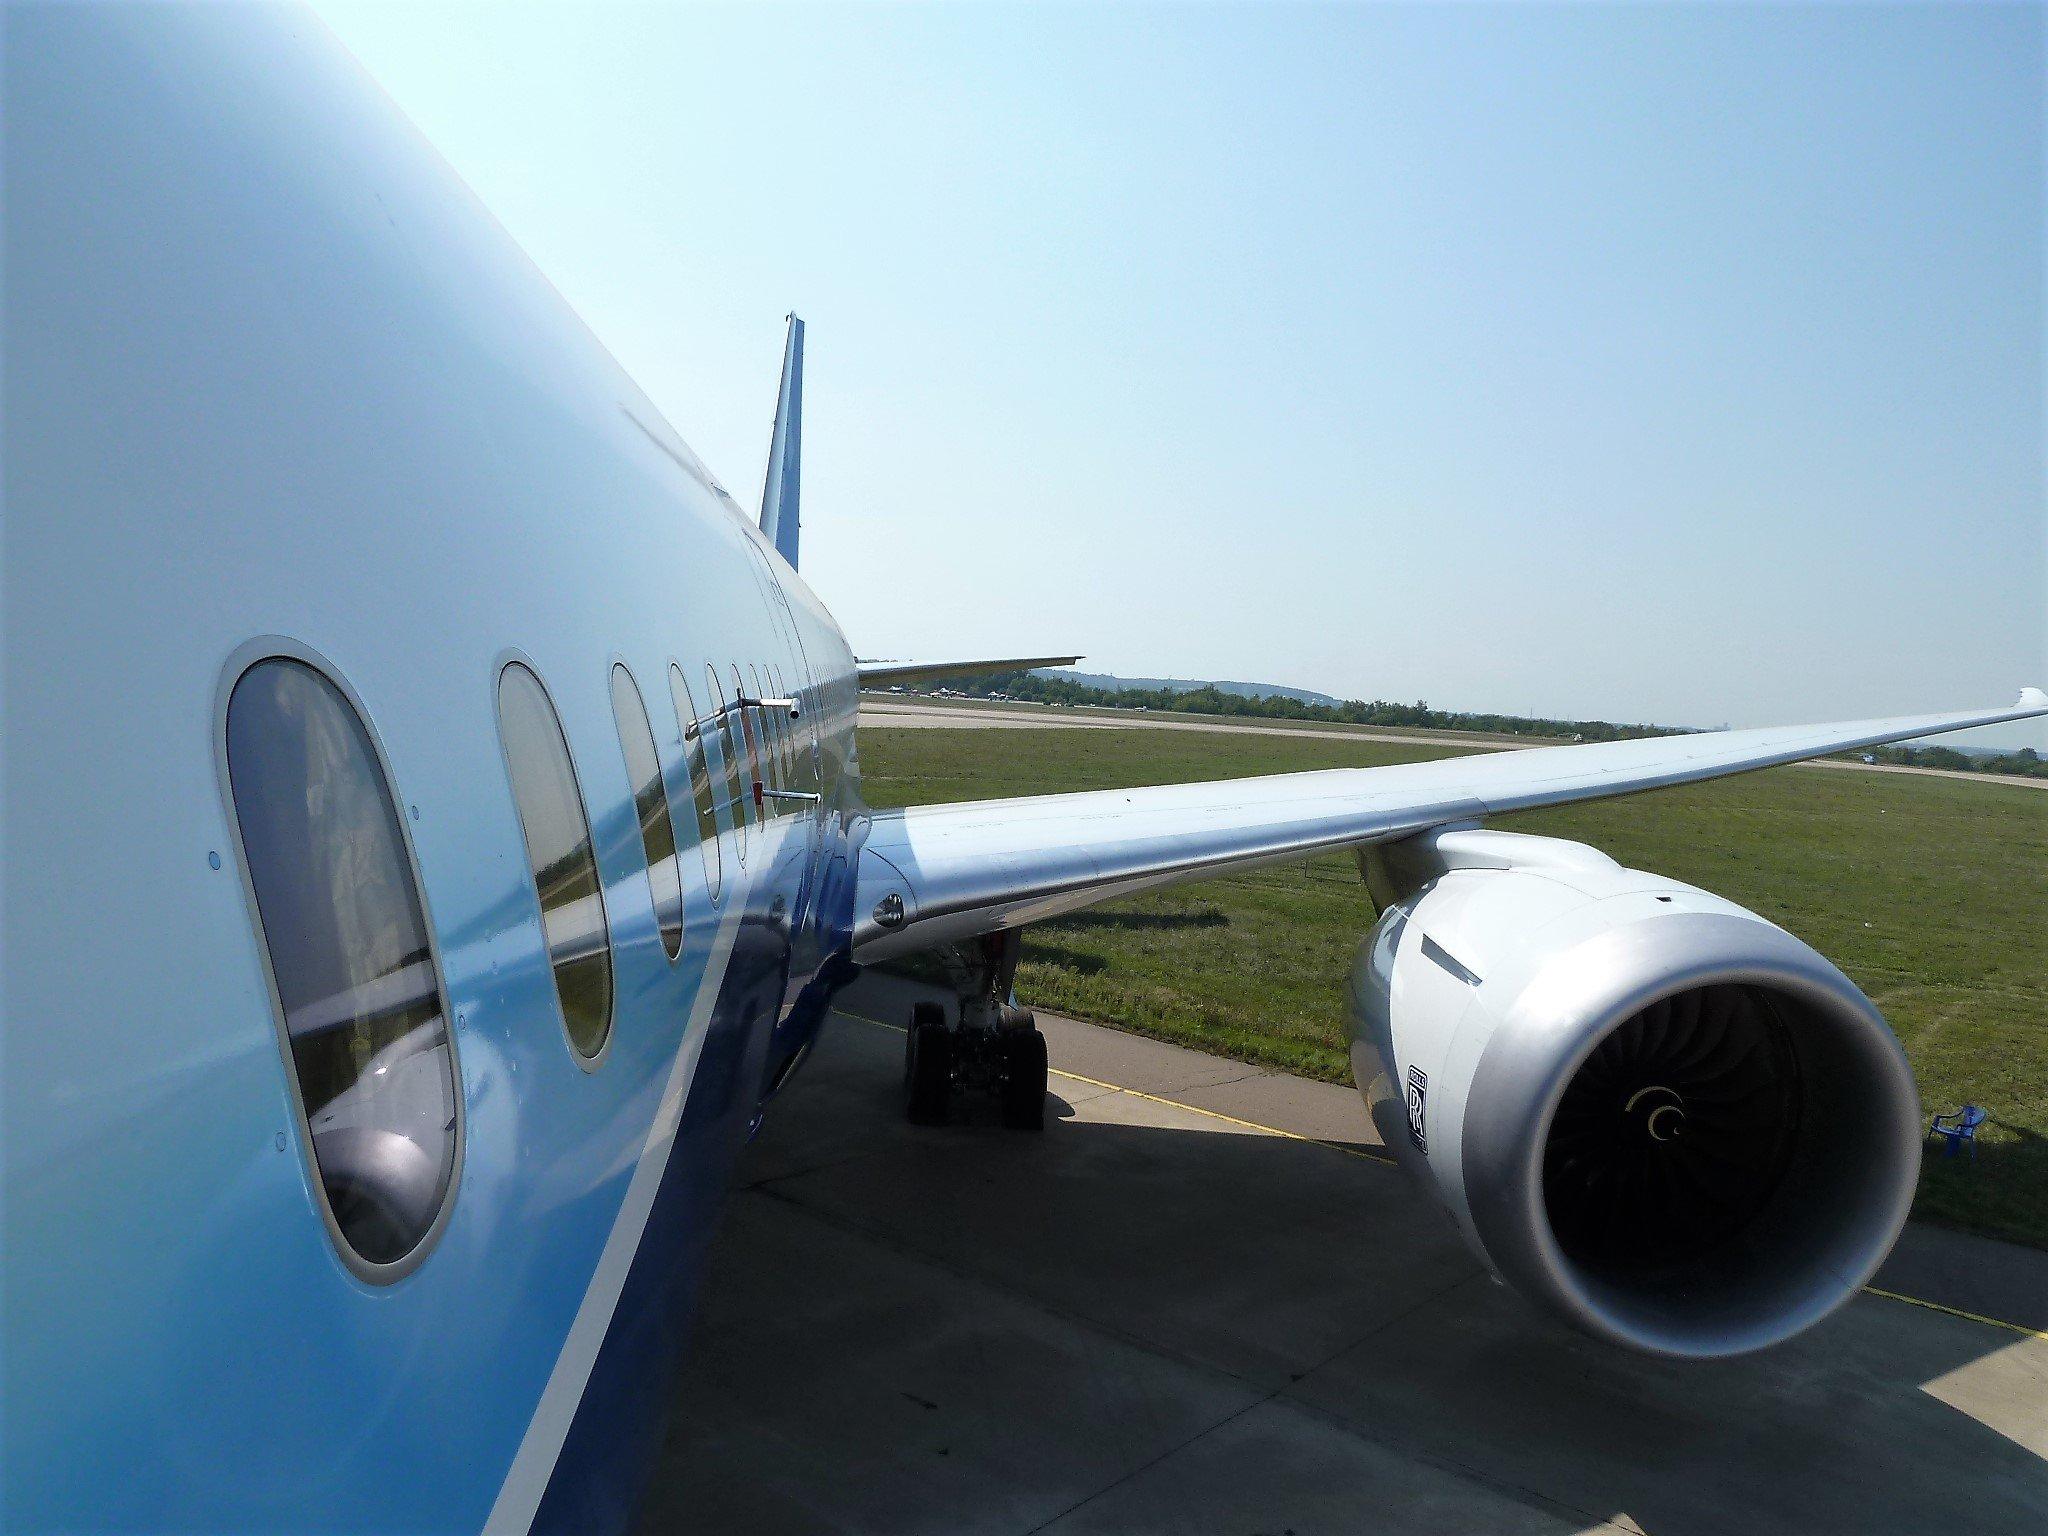 Авиапассажирам грозят сокращения ручной клади и питания и регламенты посещения туалетов